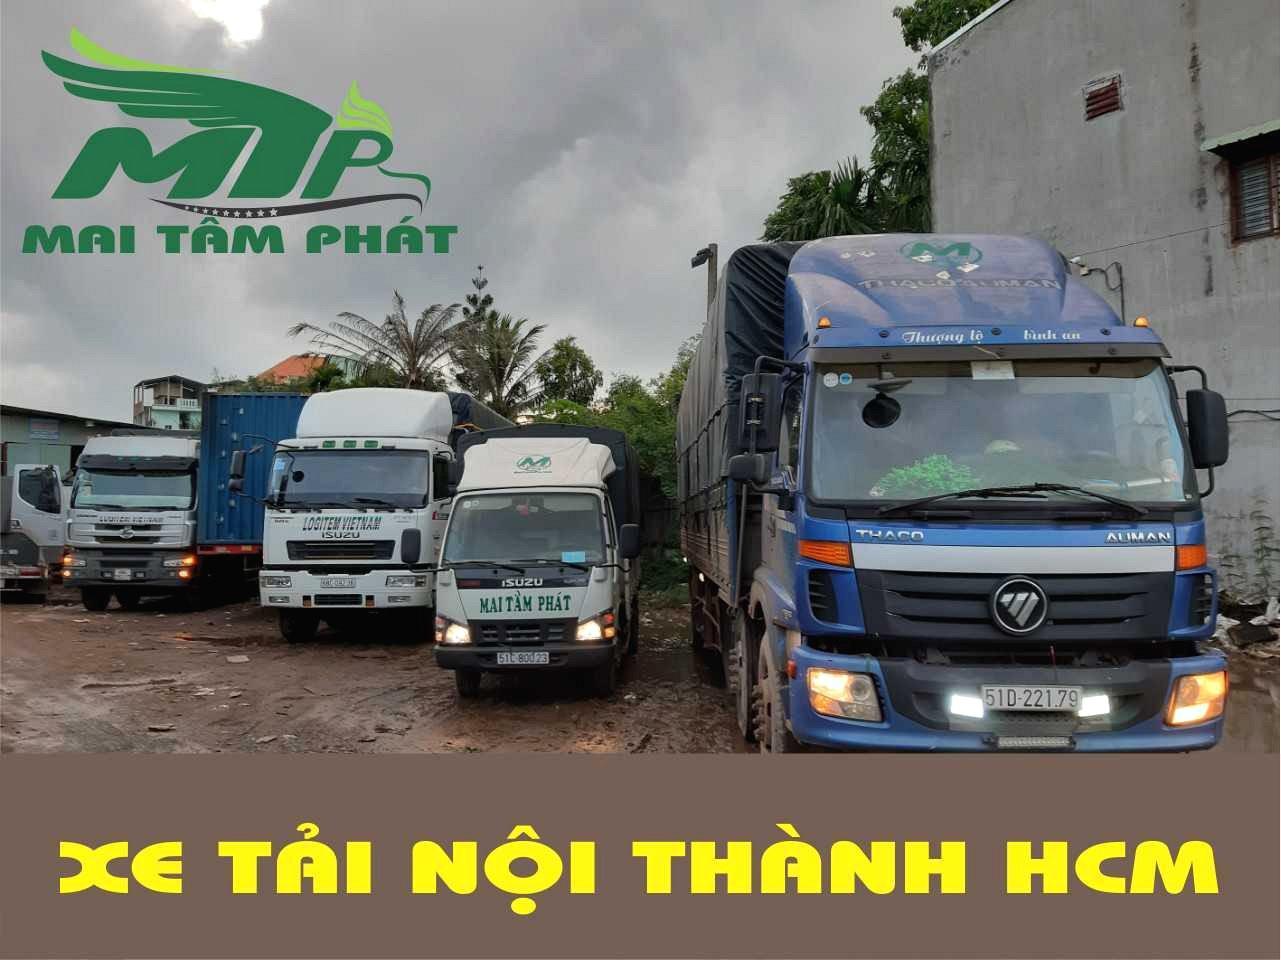 Mai Tâm Phát-Đơn vị vận chuyển hàng ghép giá rẻ tại TP.HCM